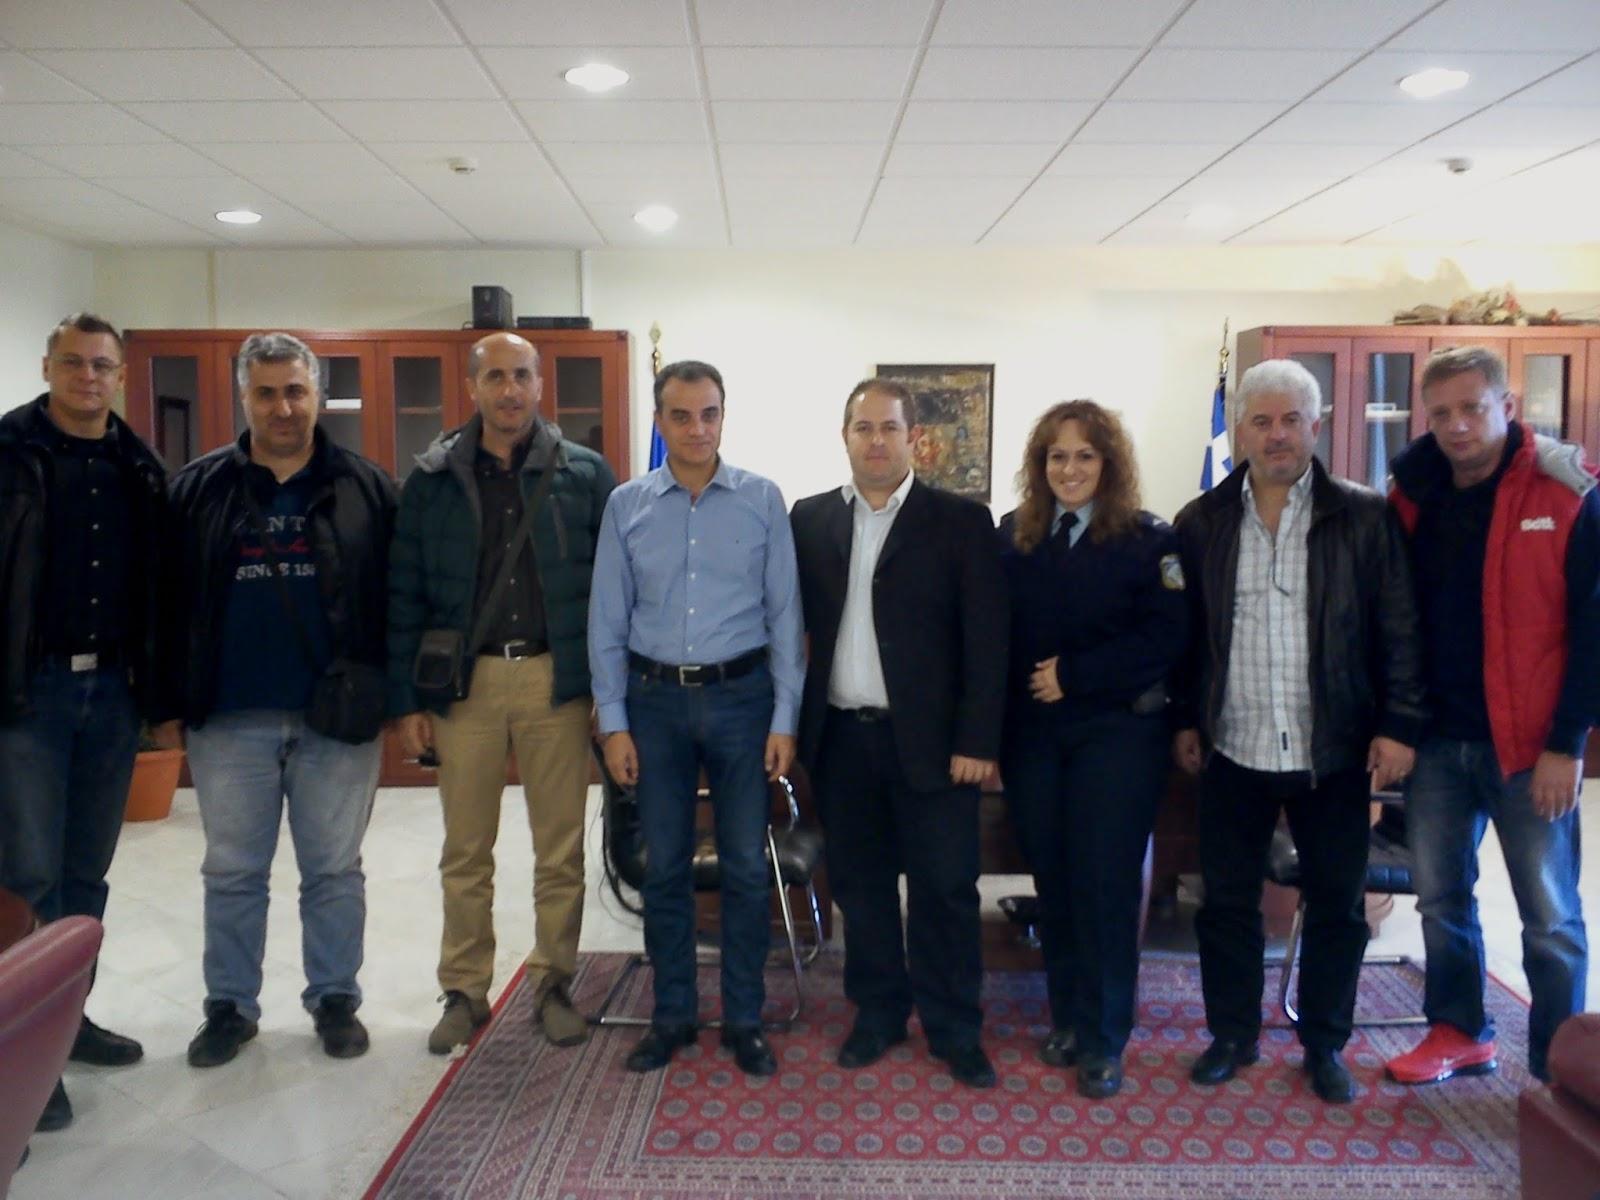 Συνάντηση Περιφερειάρχη Δυτικής Μακεδονίας  με την Ένωση Αστυνομικών Υπαλλήλων Π.Ε. Κοζάνης